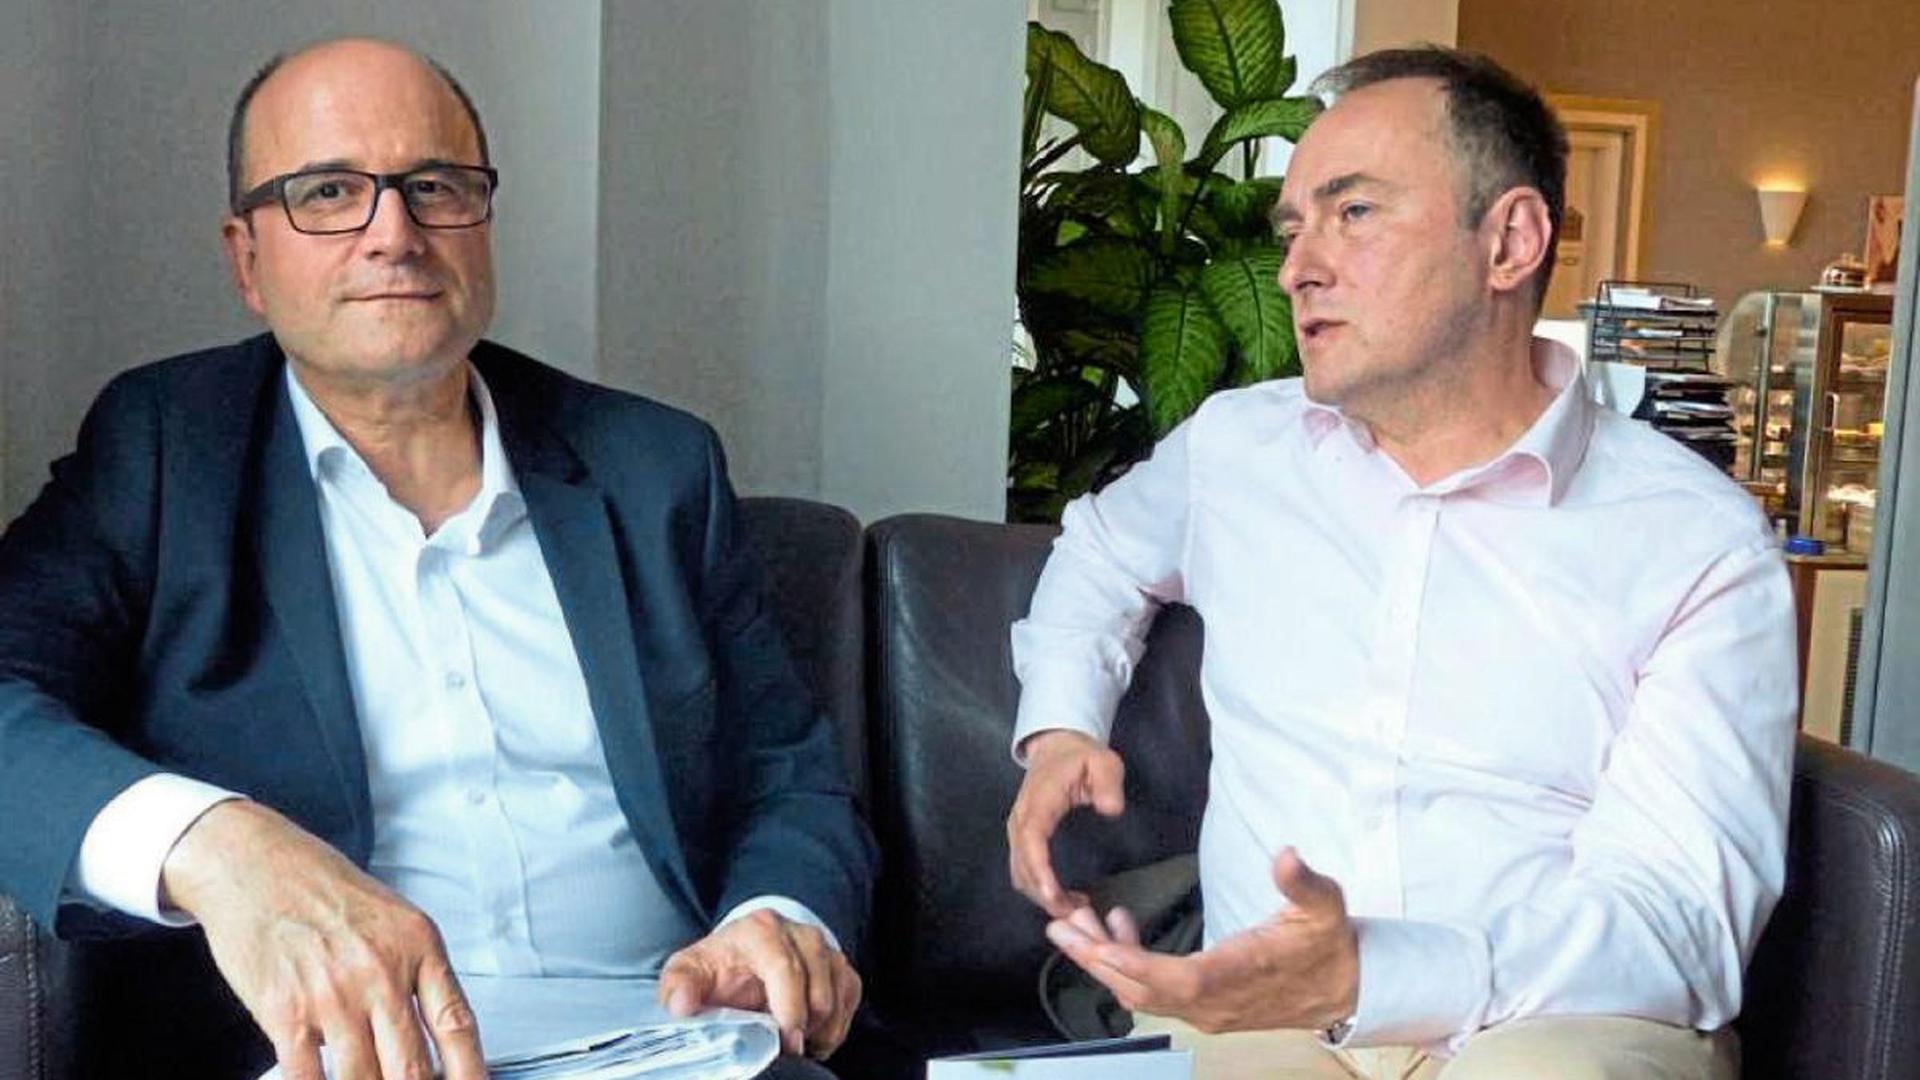 """Andreas Adam und Ulrich Schumann von der Bürgerinitiative """"Sauberes Trinkwasser für Kuppenheim"""" sehen schwere Versäumnisse im Umgang mit dem PFC-Skandal."""